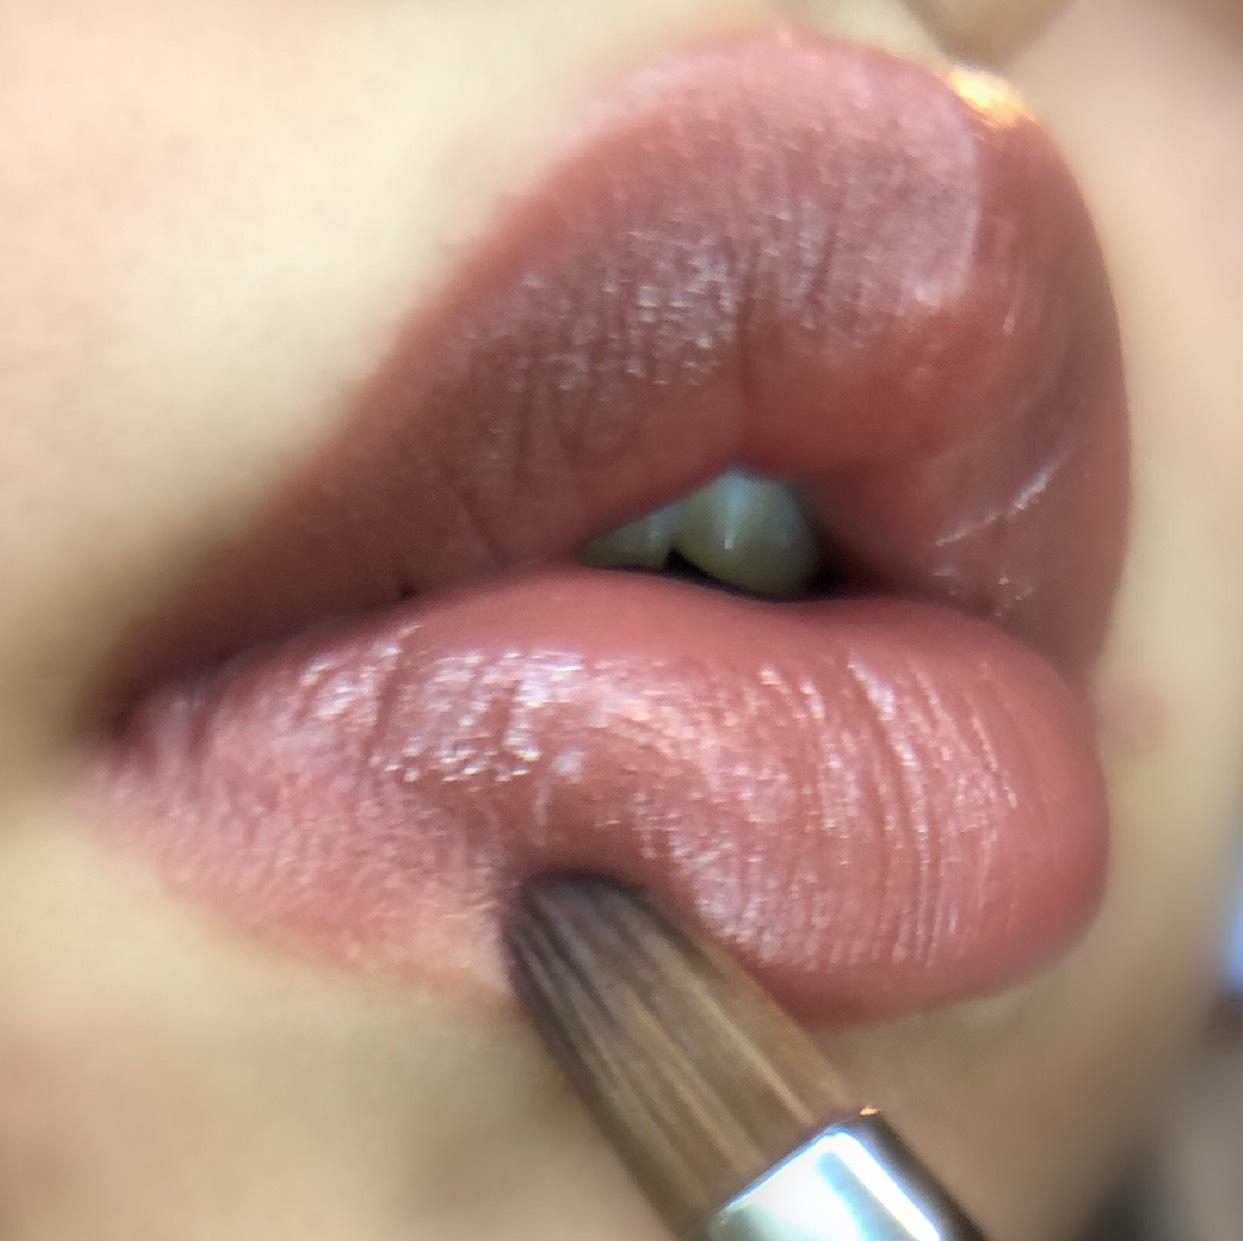 リップブラシを使って自分の唇よりオーバーに形を整えます。